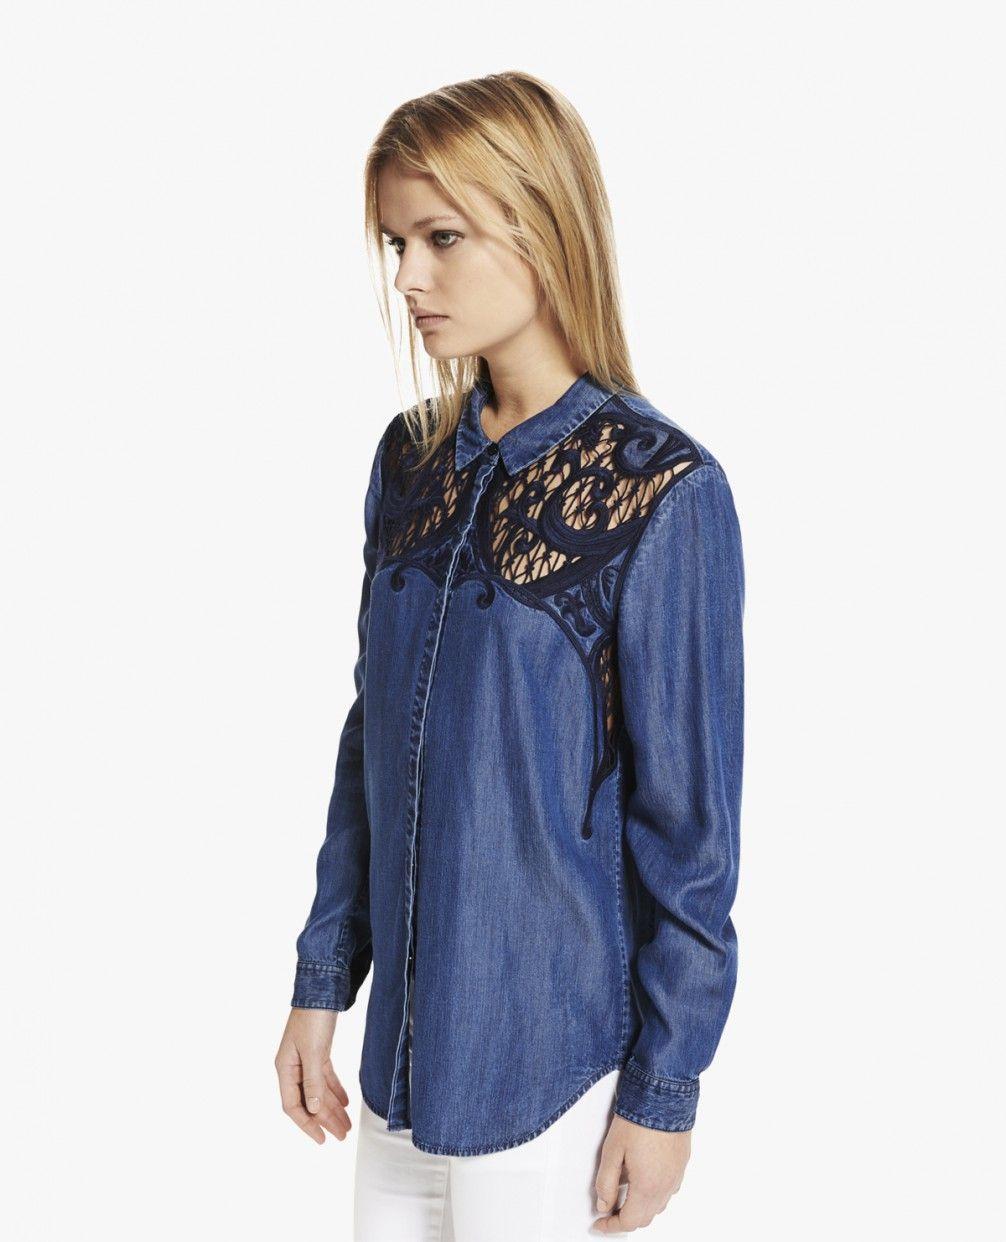 """Denim-Hemd mit Stickerei """"Baroque"""" - Alle Produkte - Woman - The Kooples"""